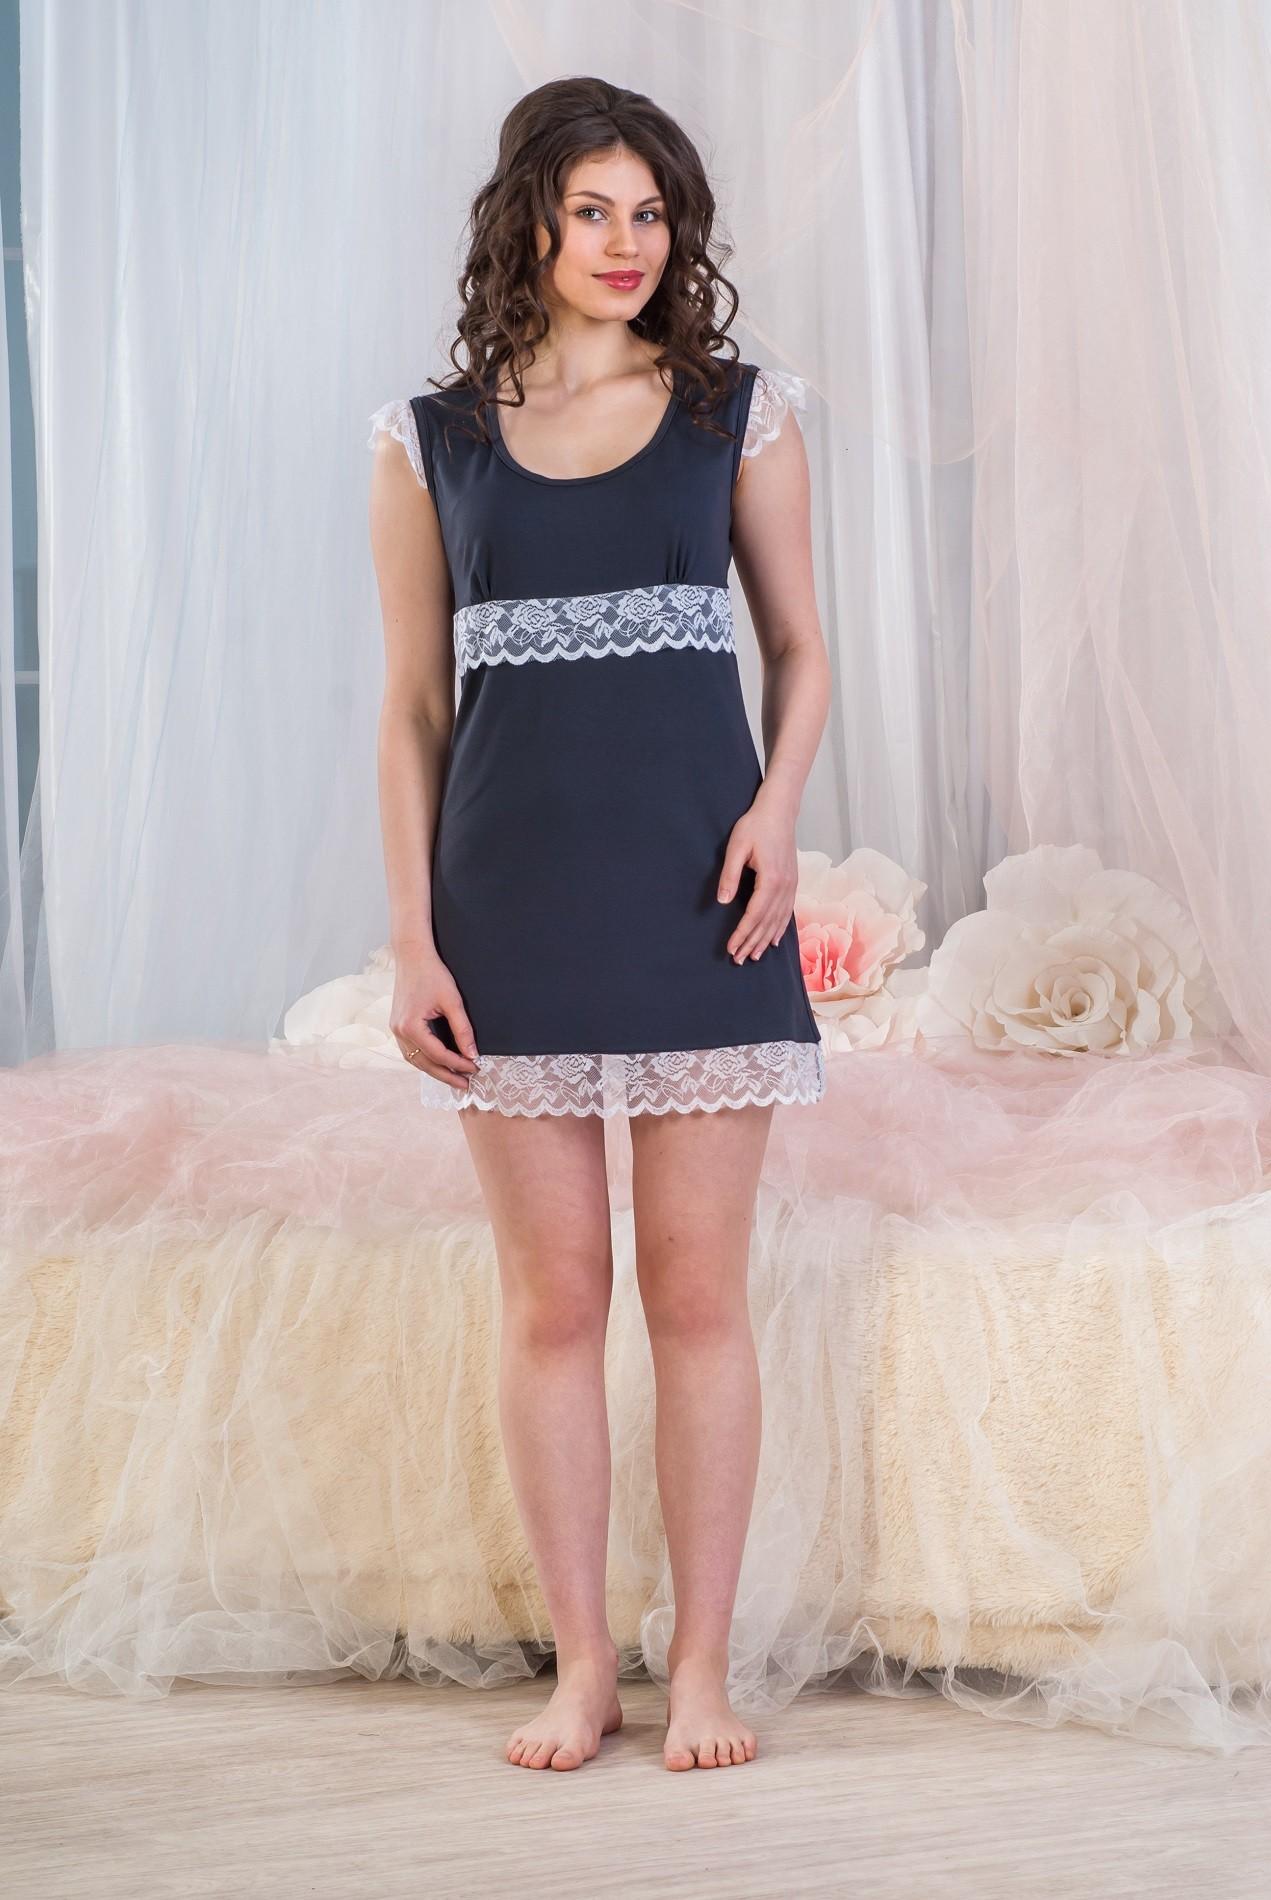 Сорочка женская Сильвия с кружевной отделкойДомашняя одежда<br><br><br>Размер: 54